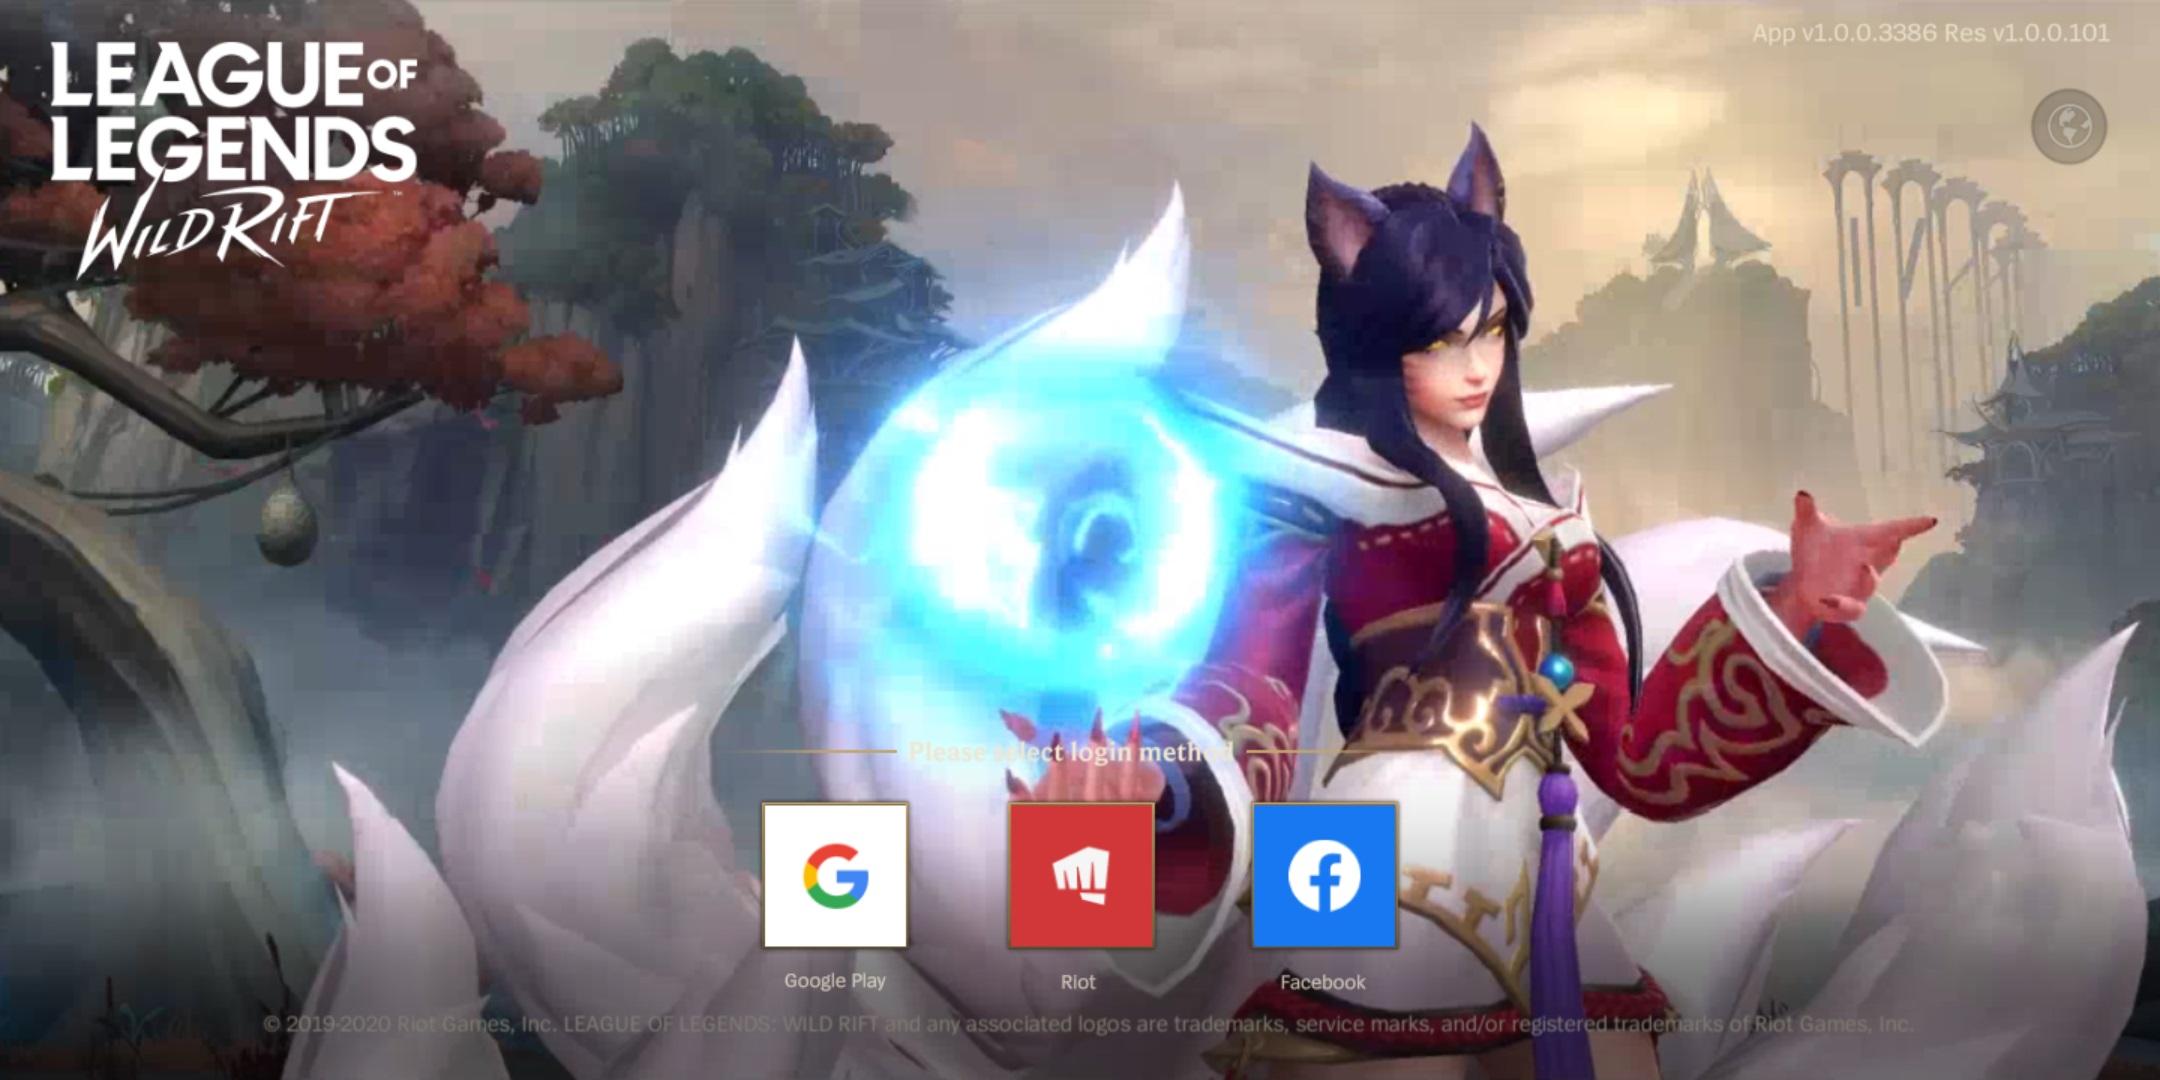 screenshot_20201027-134622_wild_rift-jpg.11753